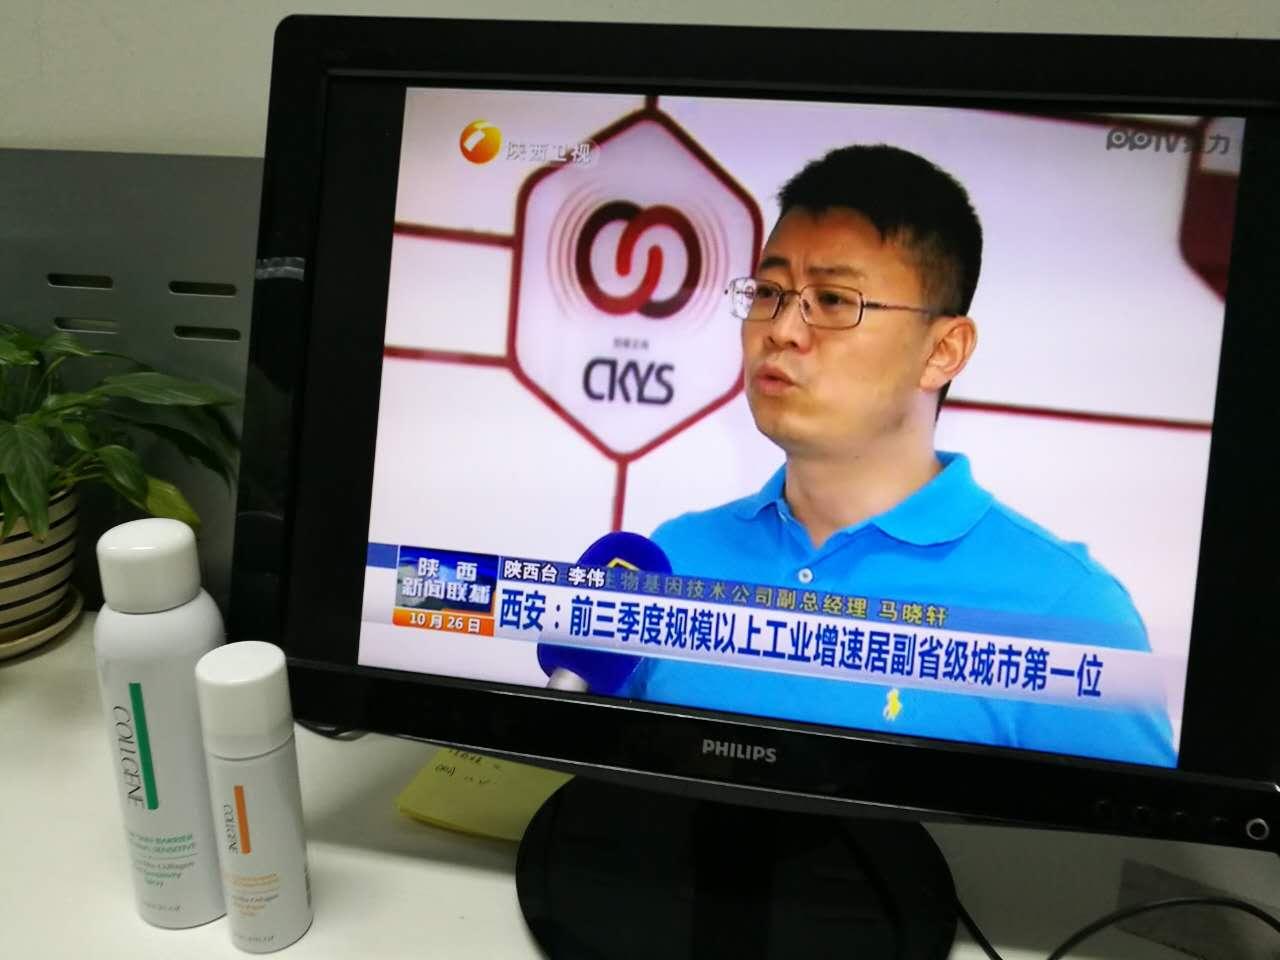 昨天创客云商,巨子生物,三角防务上陕西新闻联播了